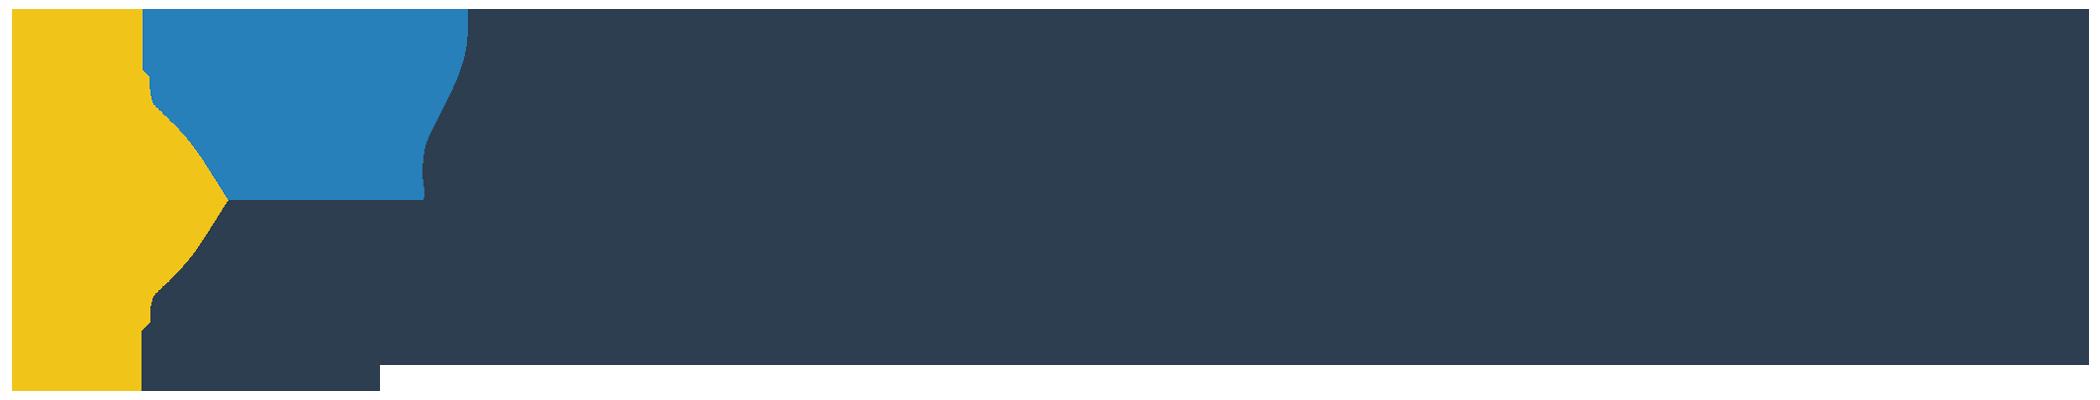 ServeHub_Logo_NOBG.png